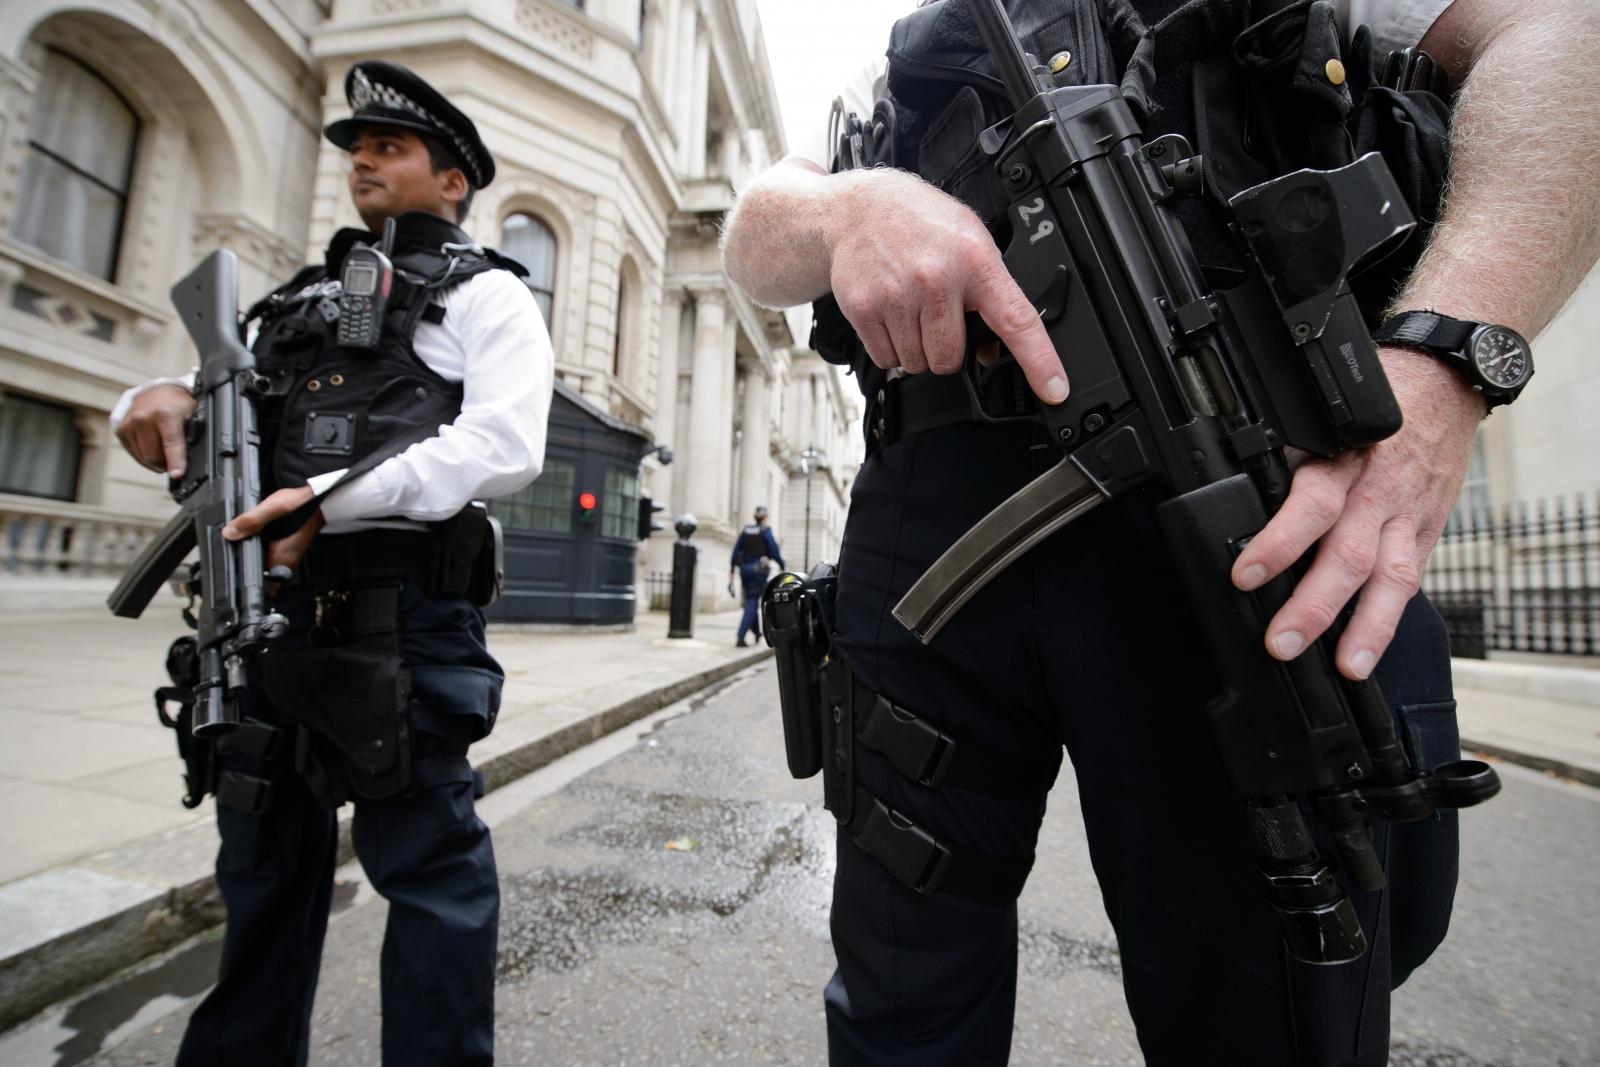 BRITAIN-UNREST-SYRIA-IRAQ-SECURITY